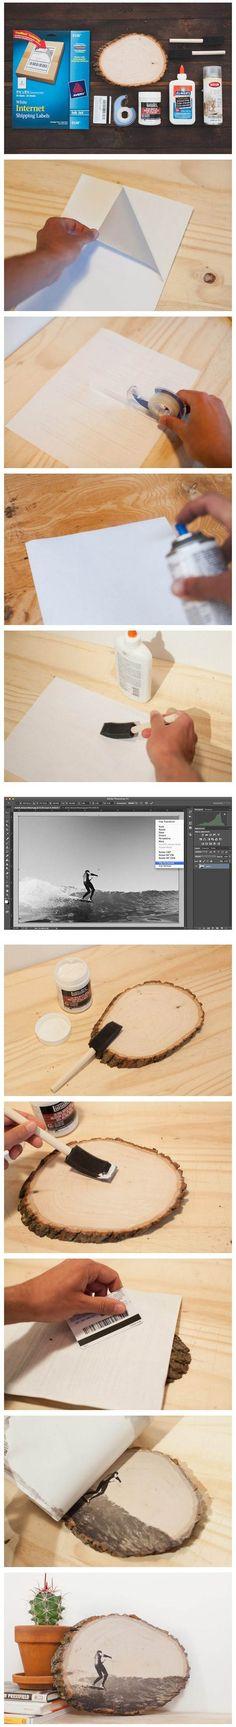 ¿Cómo transferir diseños de tinta a superficies de madera? - Muy Ingenioso                                                                                                                                                                                 Más